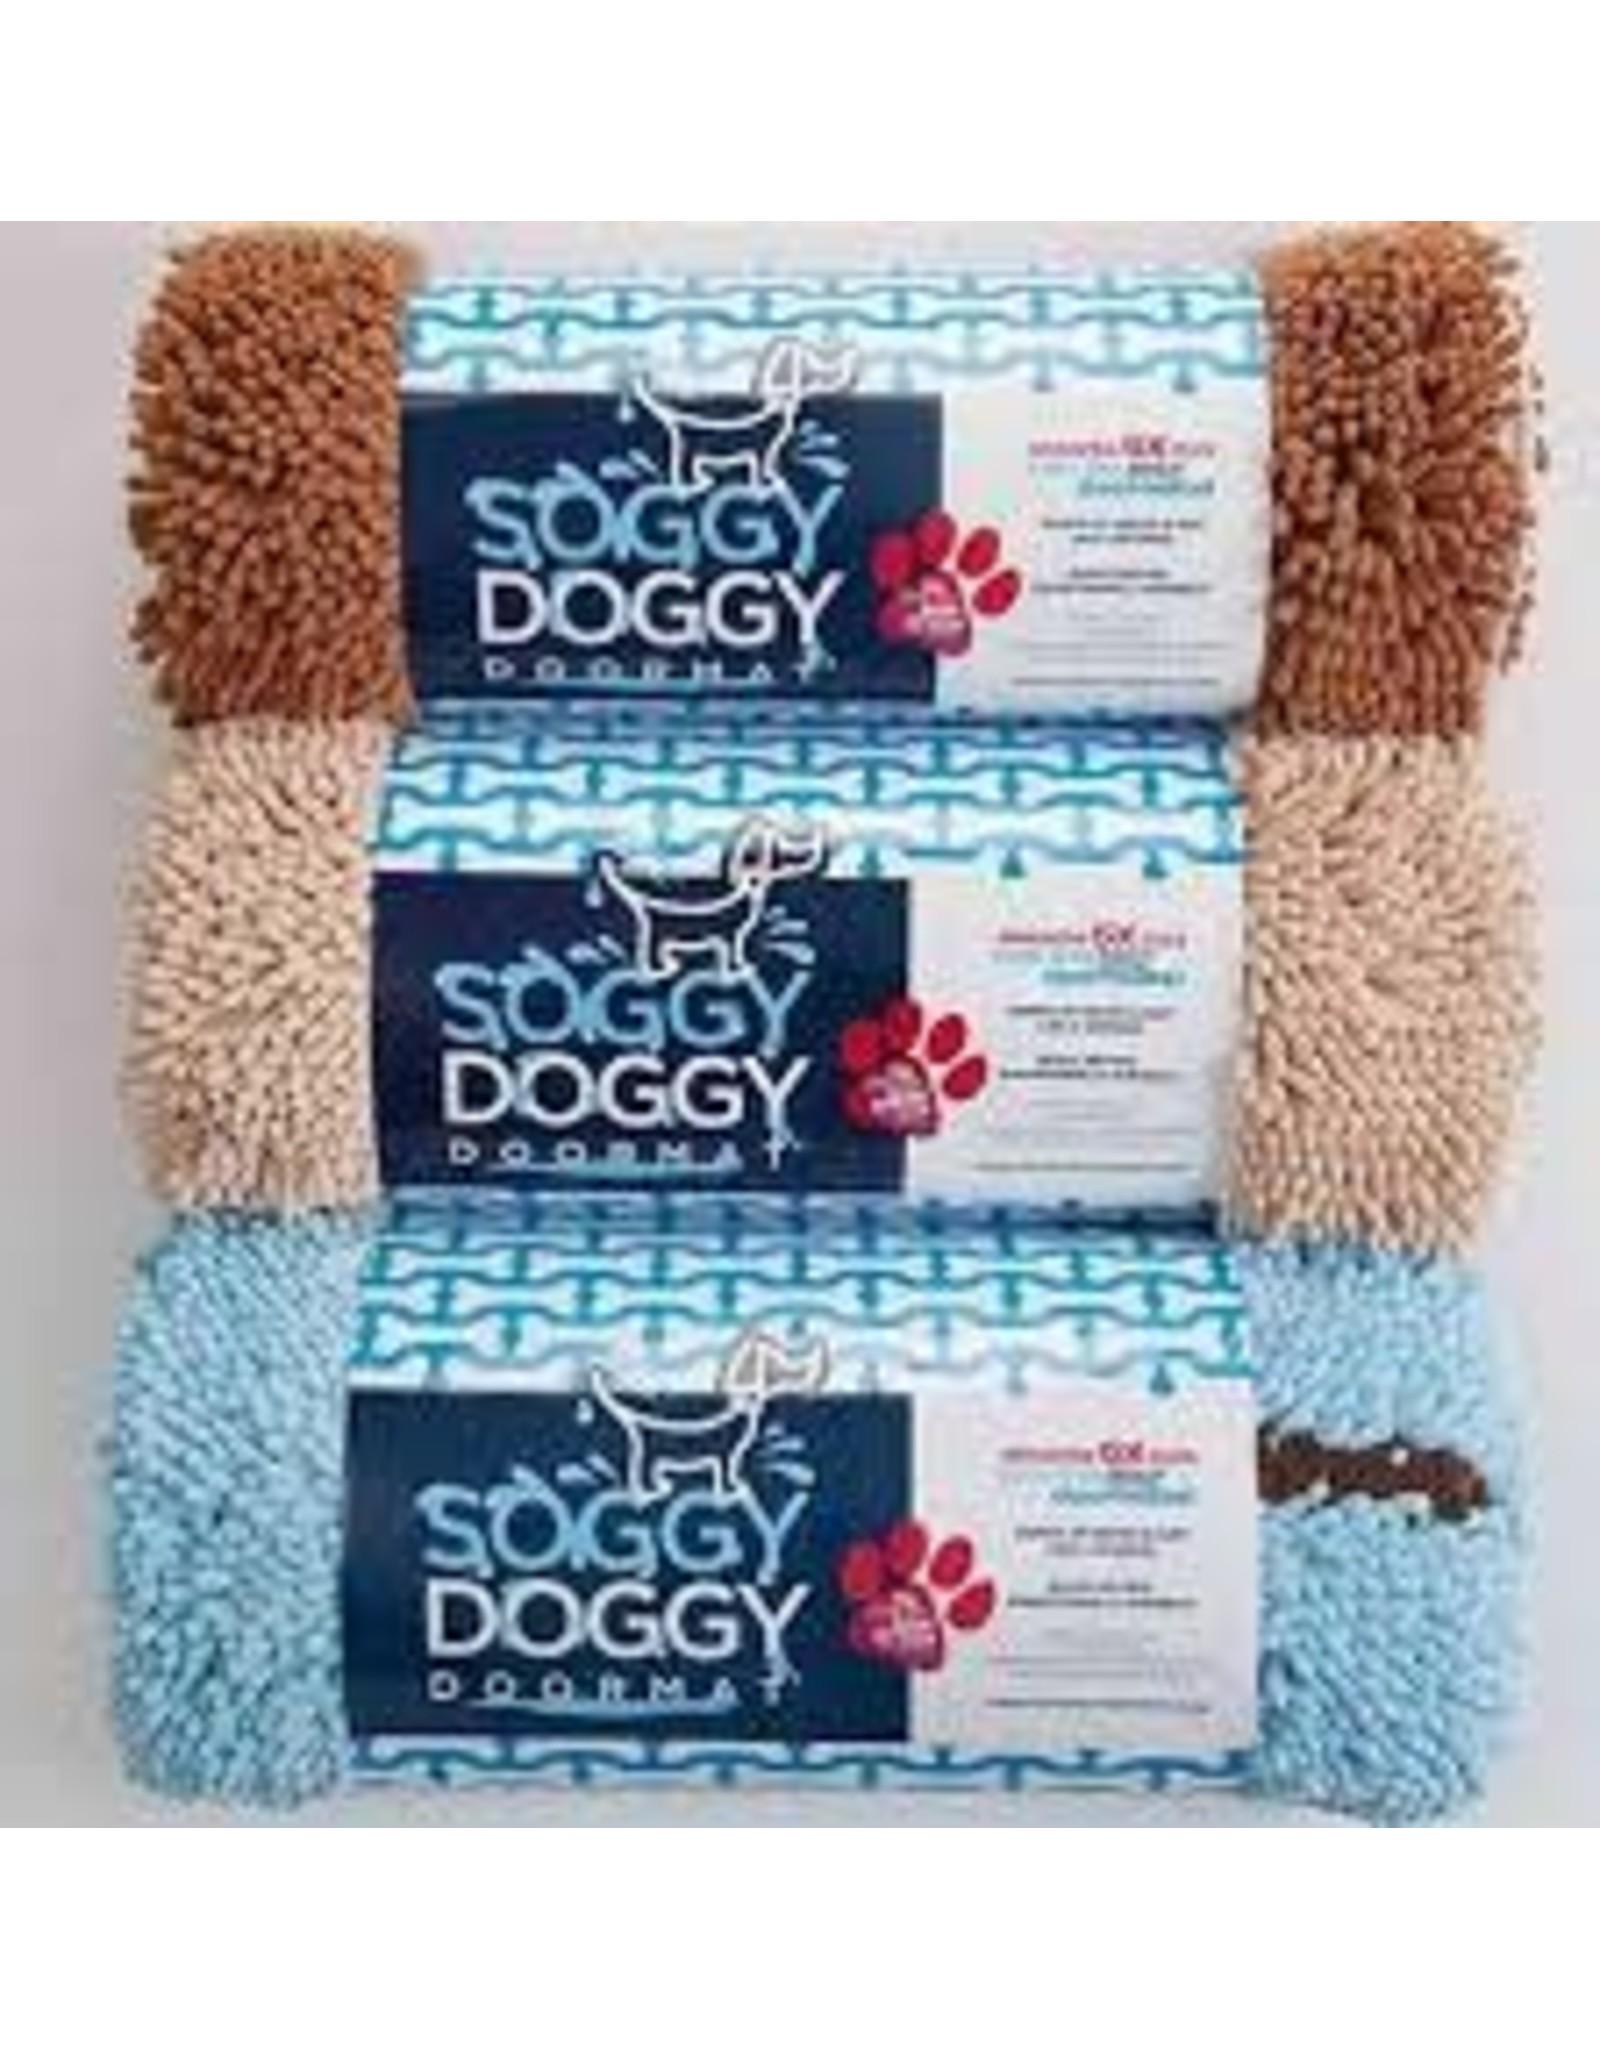 SOGGY DOGGY soggy doggy doormat 26x36 caramel